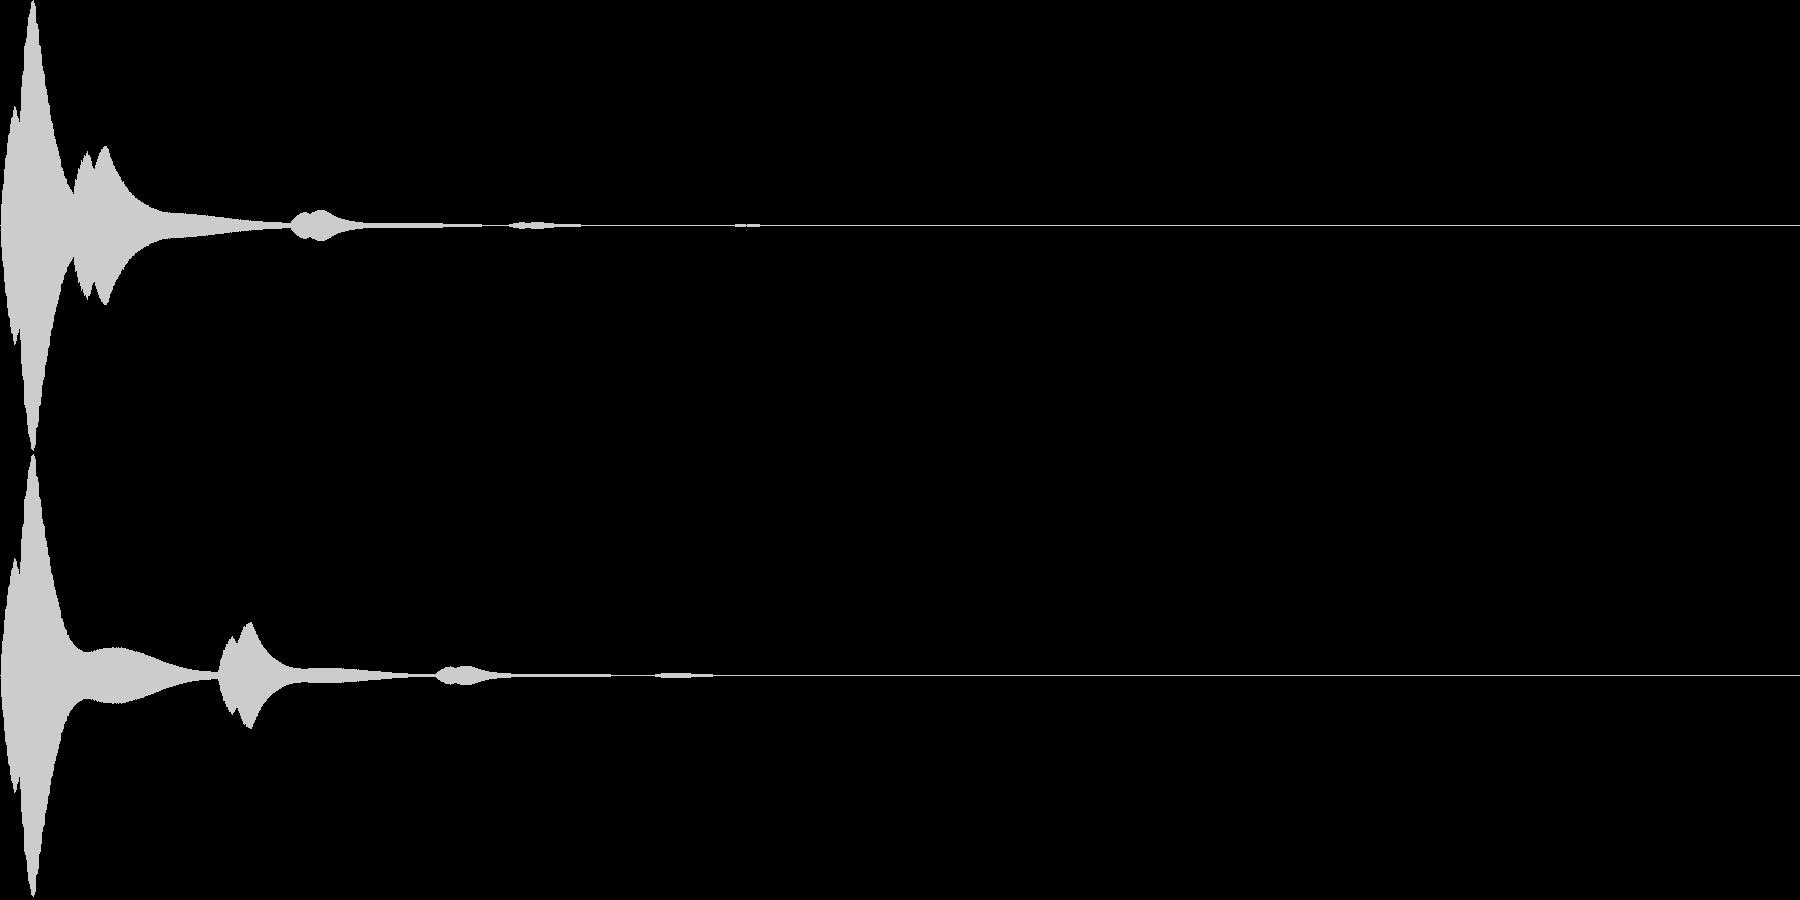 キラーン☆シンプルなシステム音の未再生の波形